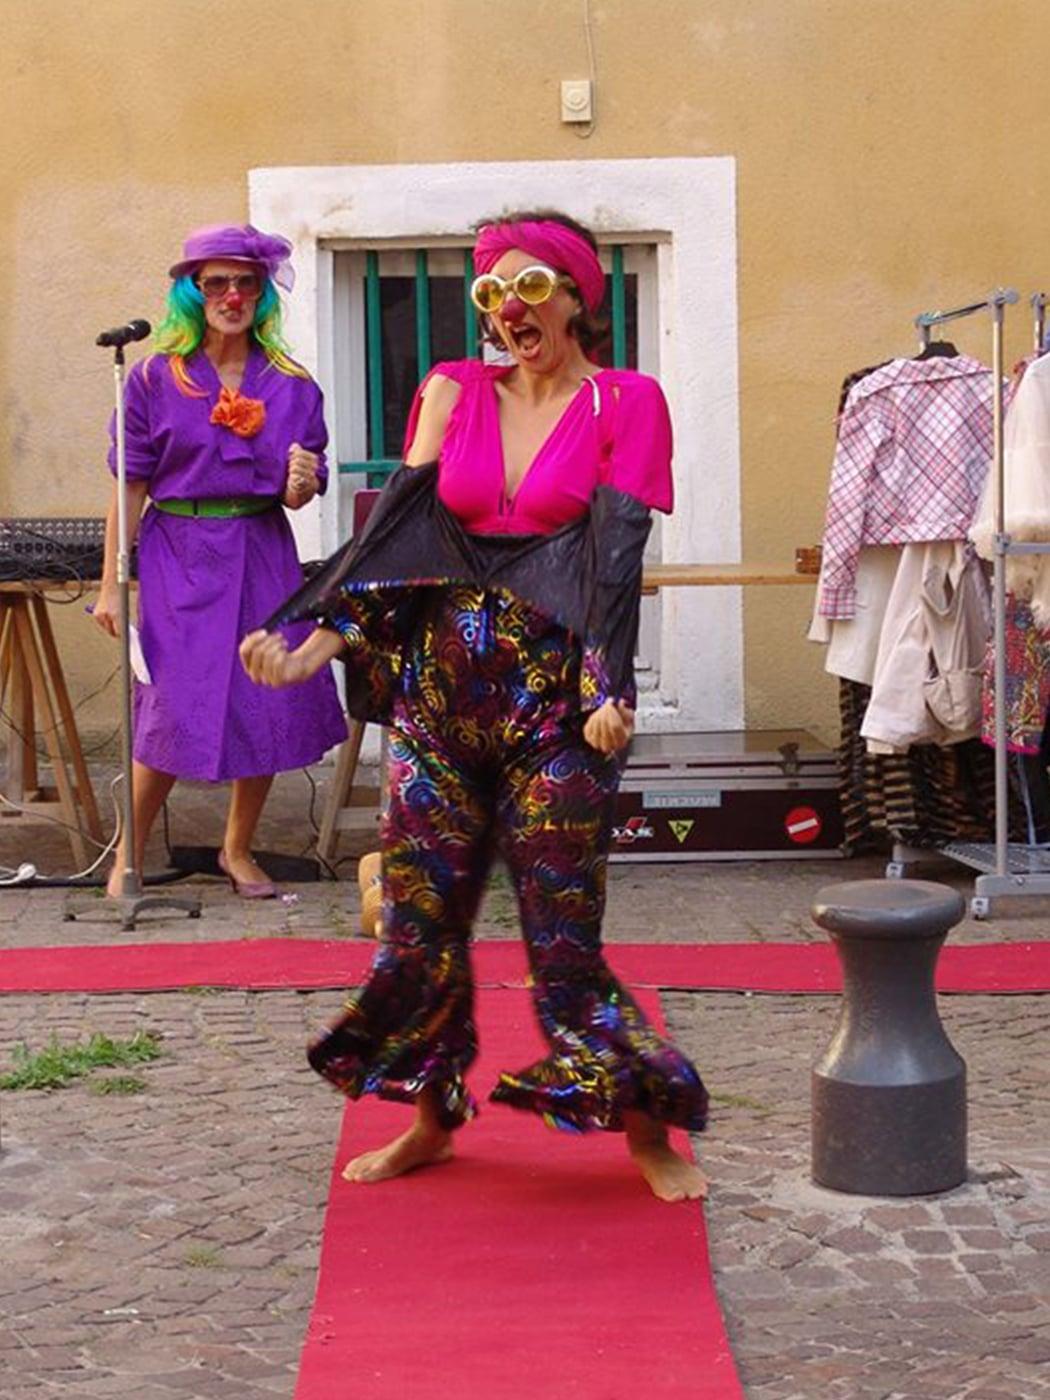 spectacle-clowns-defile-de-mode-performance-dans-la-rue-rencontres-de-la-belle-trame